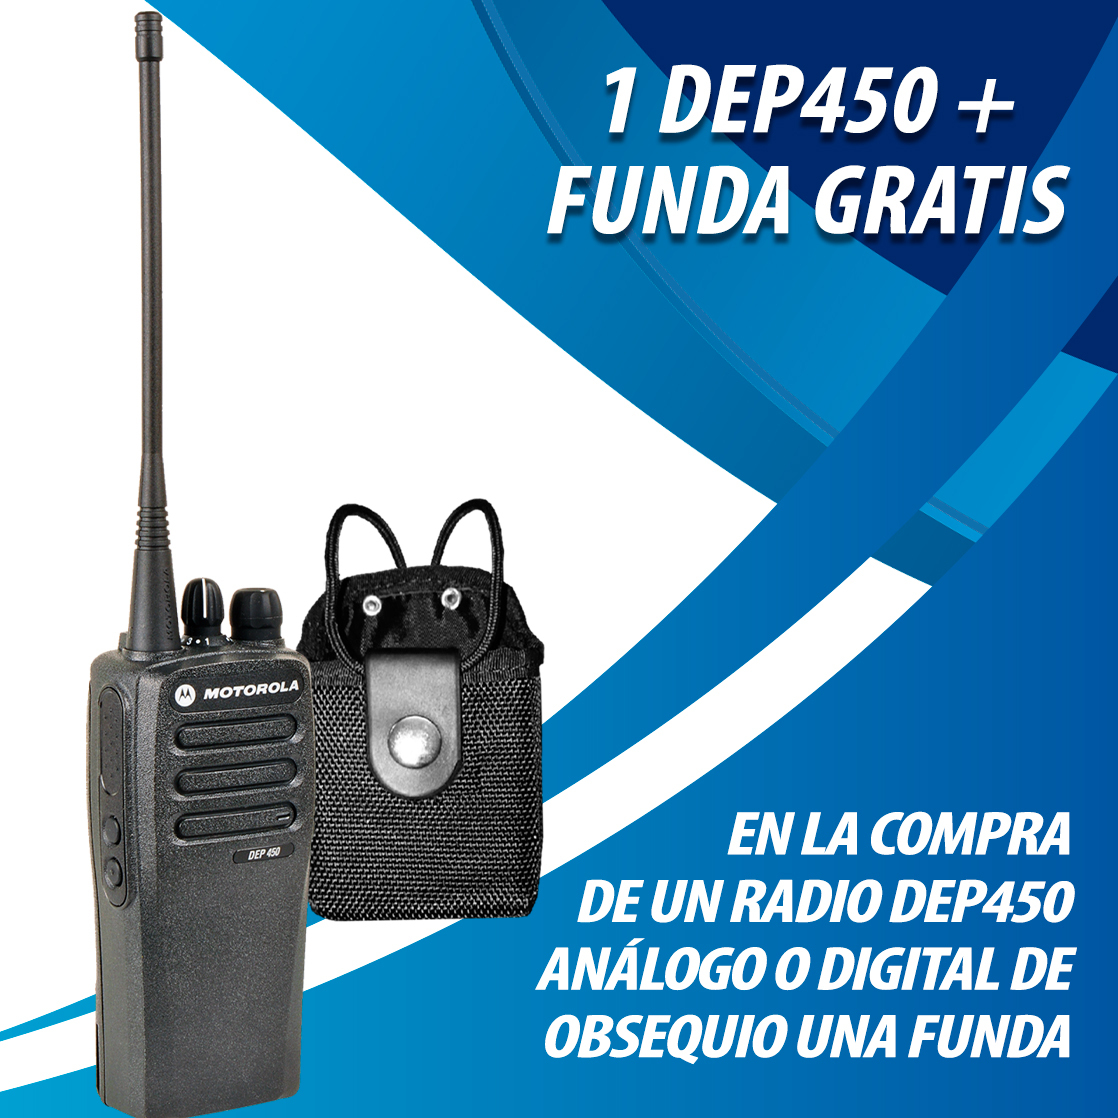 DEP450 CON FUNDA GRATIS